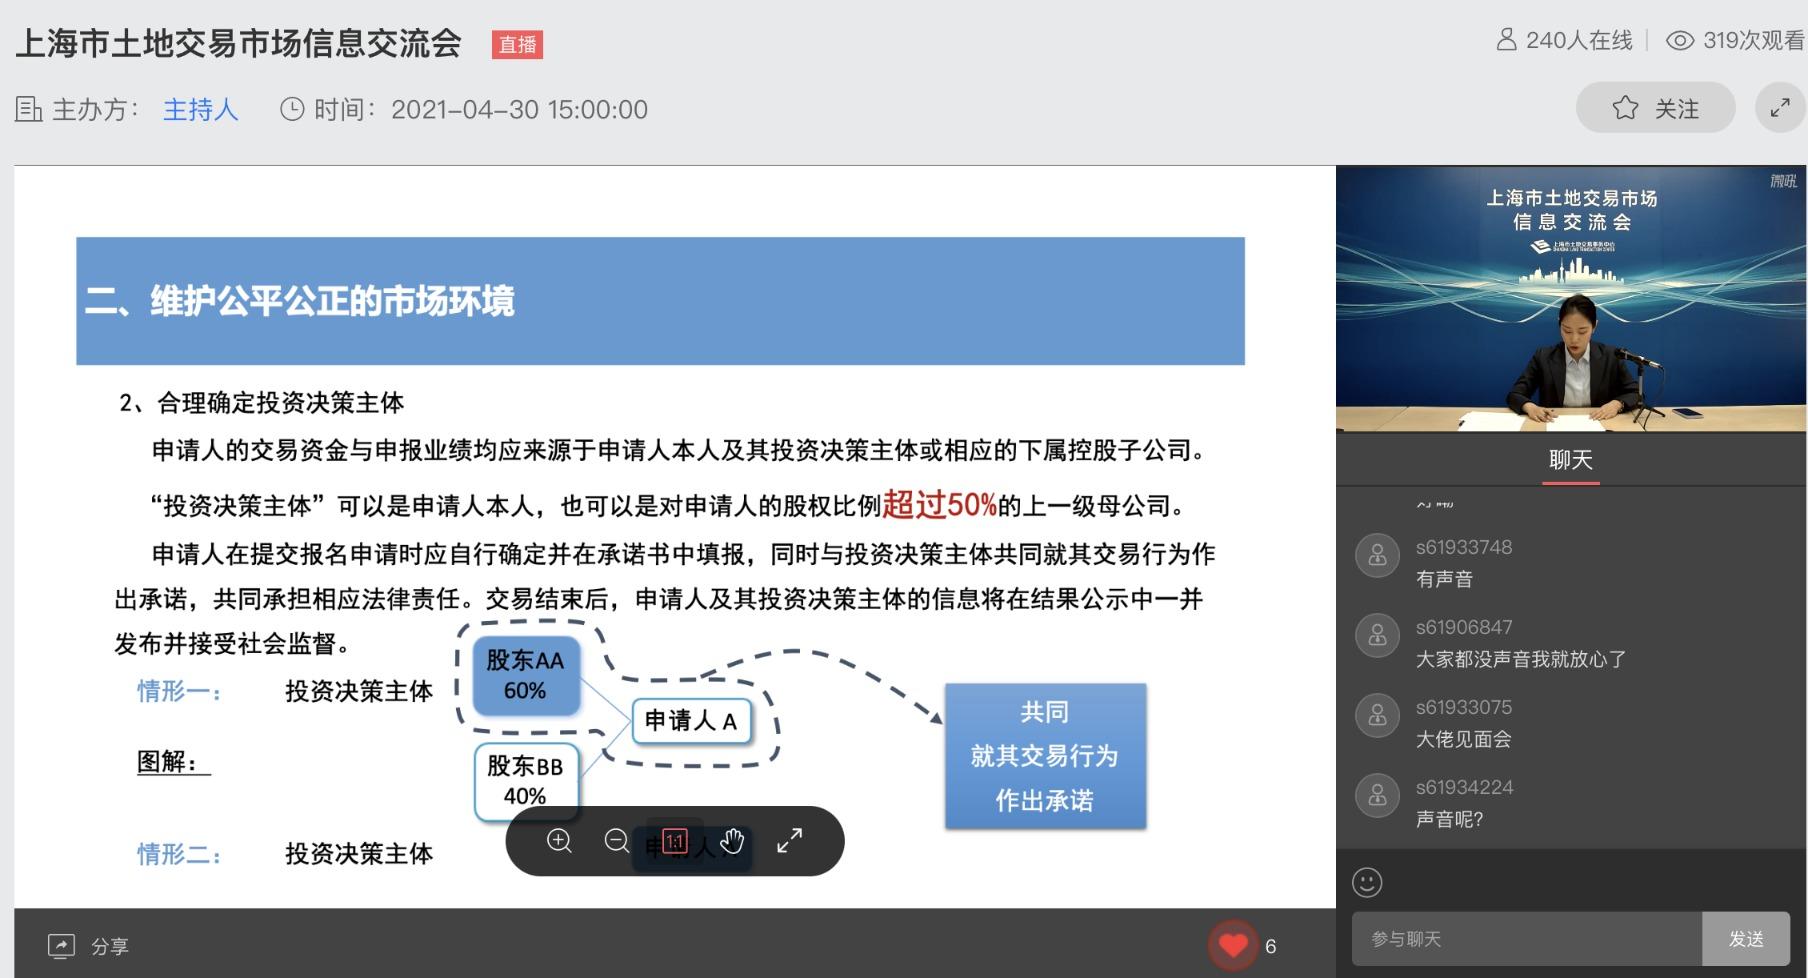 """竞价_上海土地市场重大转变:5月宣布首批宅地集中出让通告 出台""""限价竞价""""新规插图"""